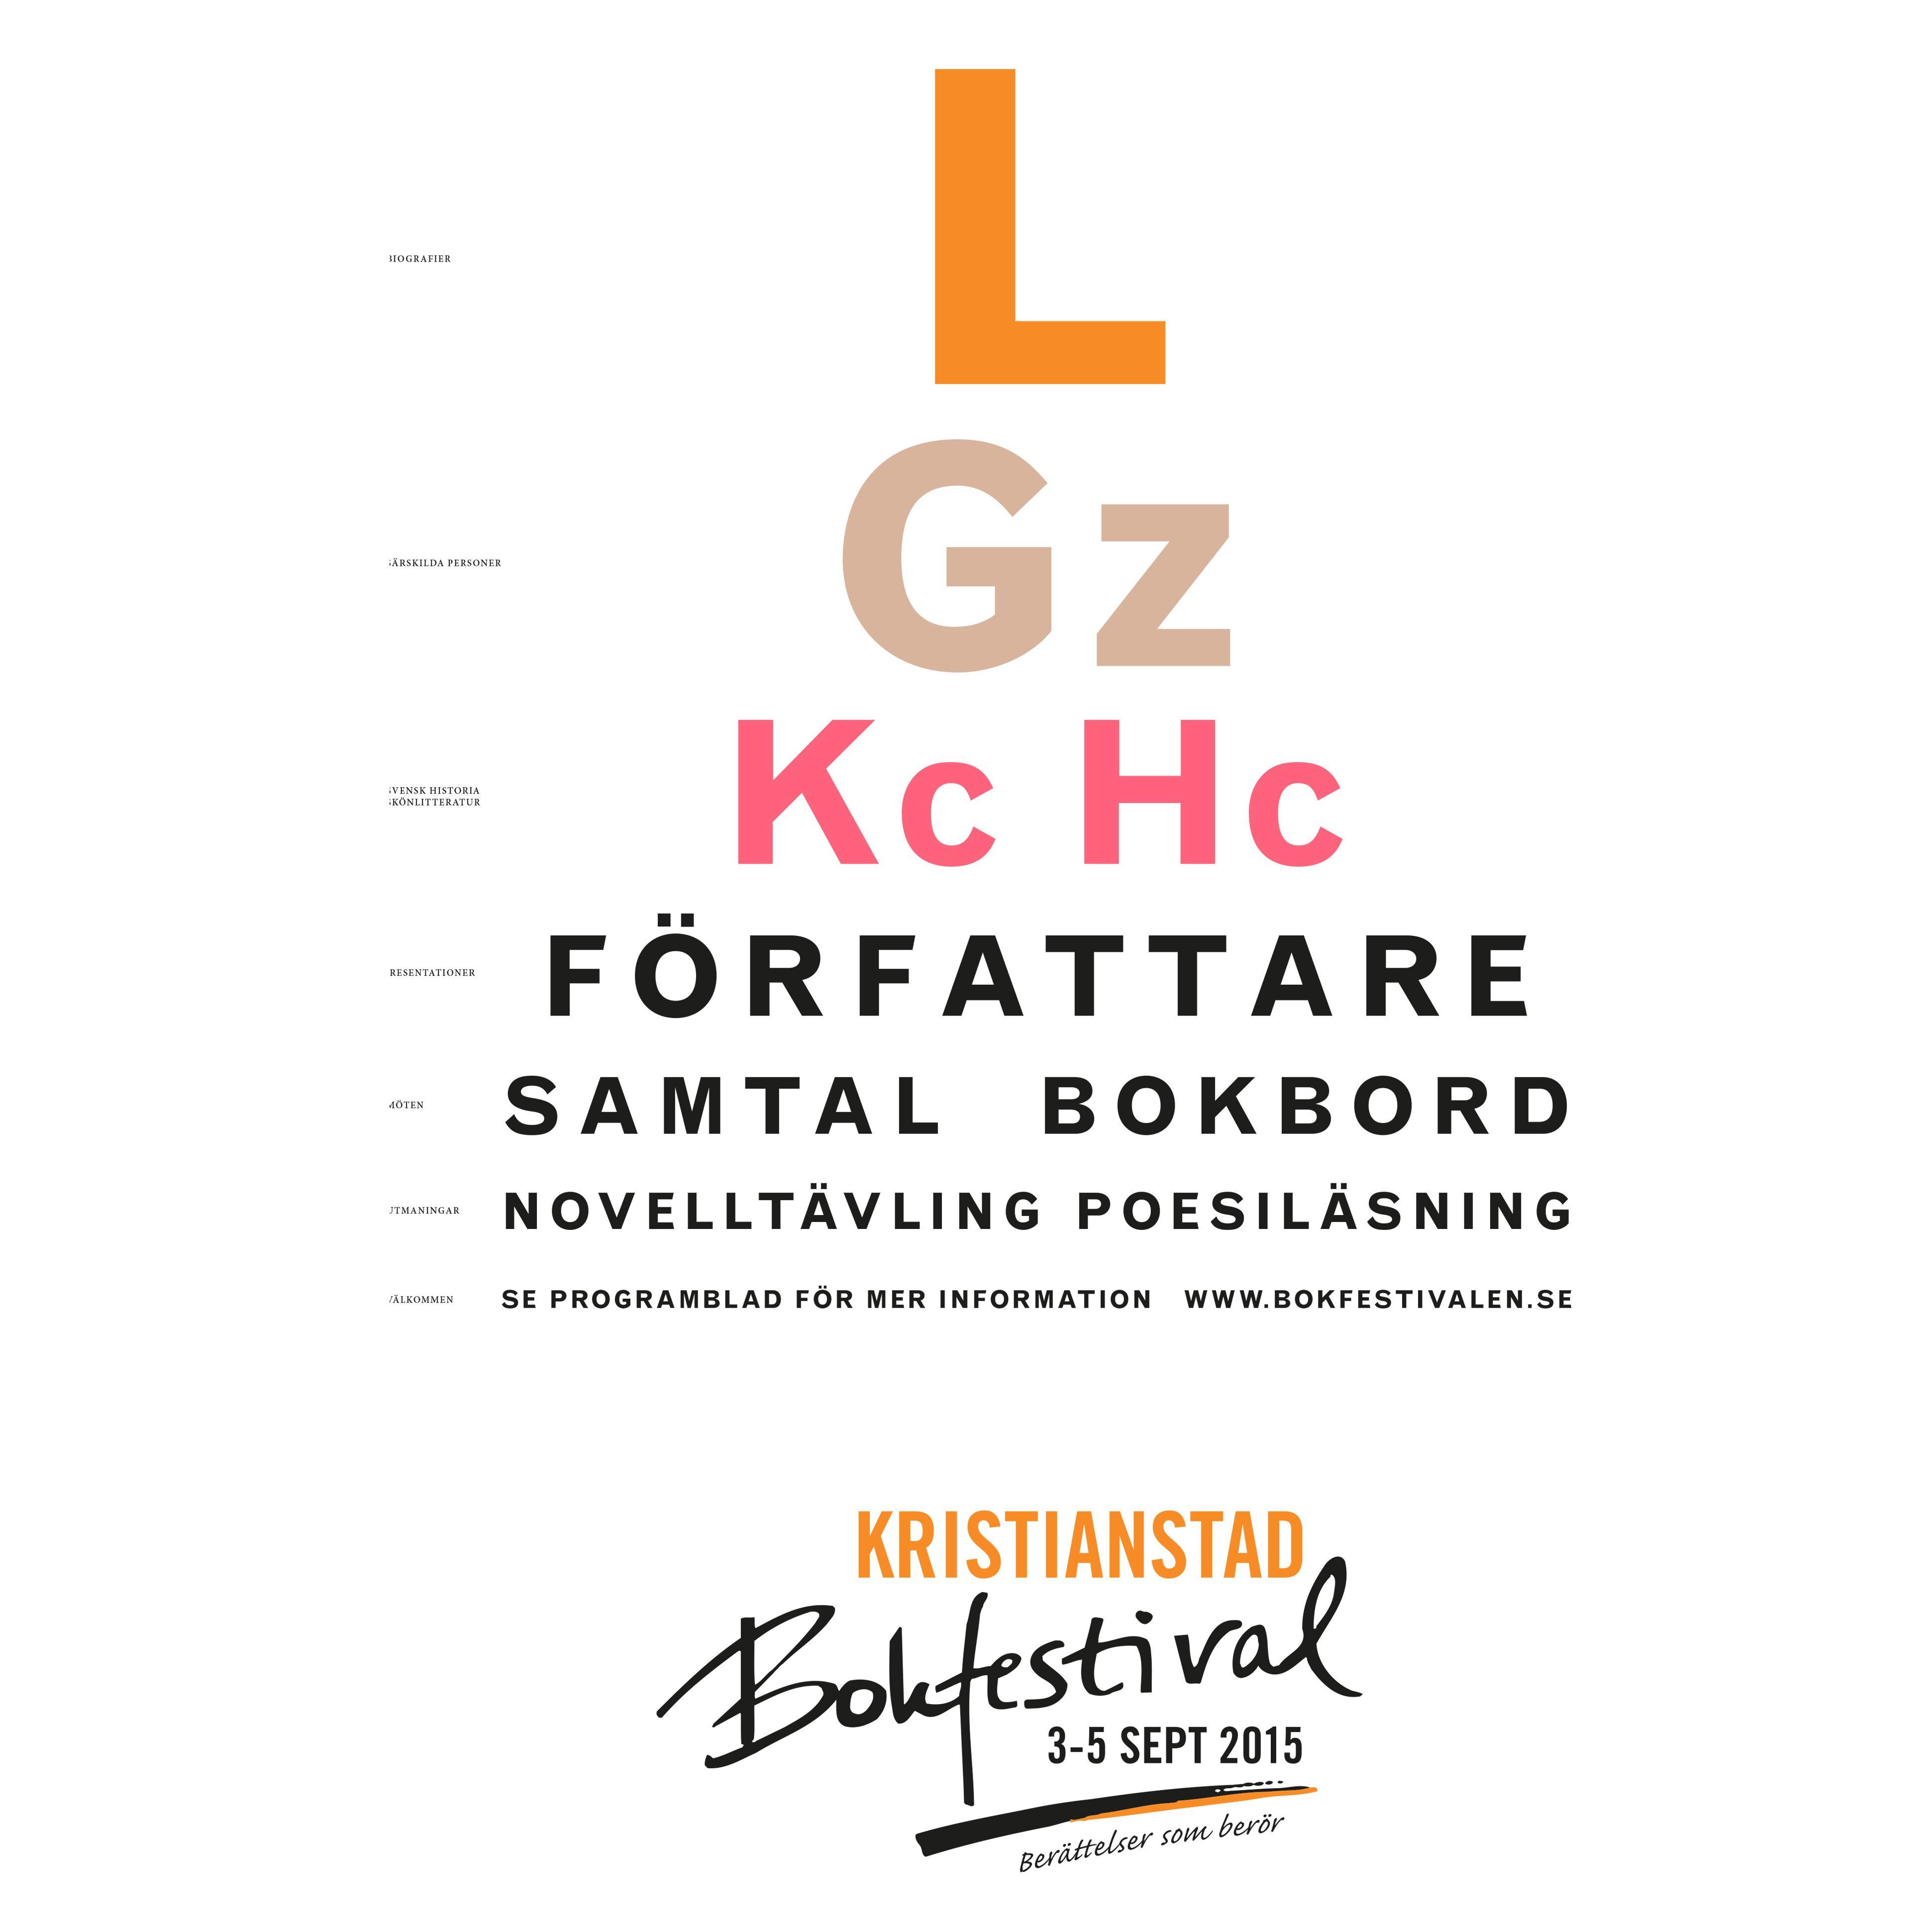 Kristianstad Bokfestival